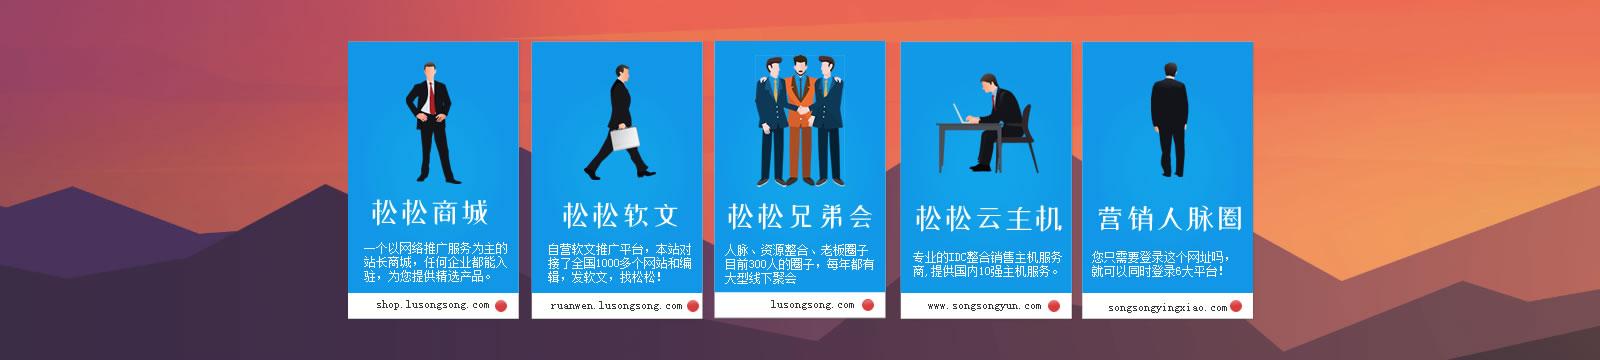 松松软文平台在线商城功能上线